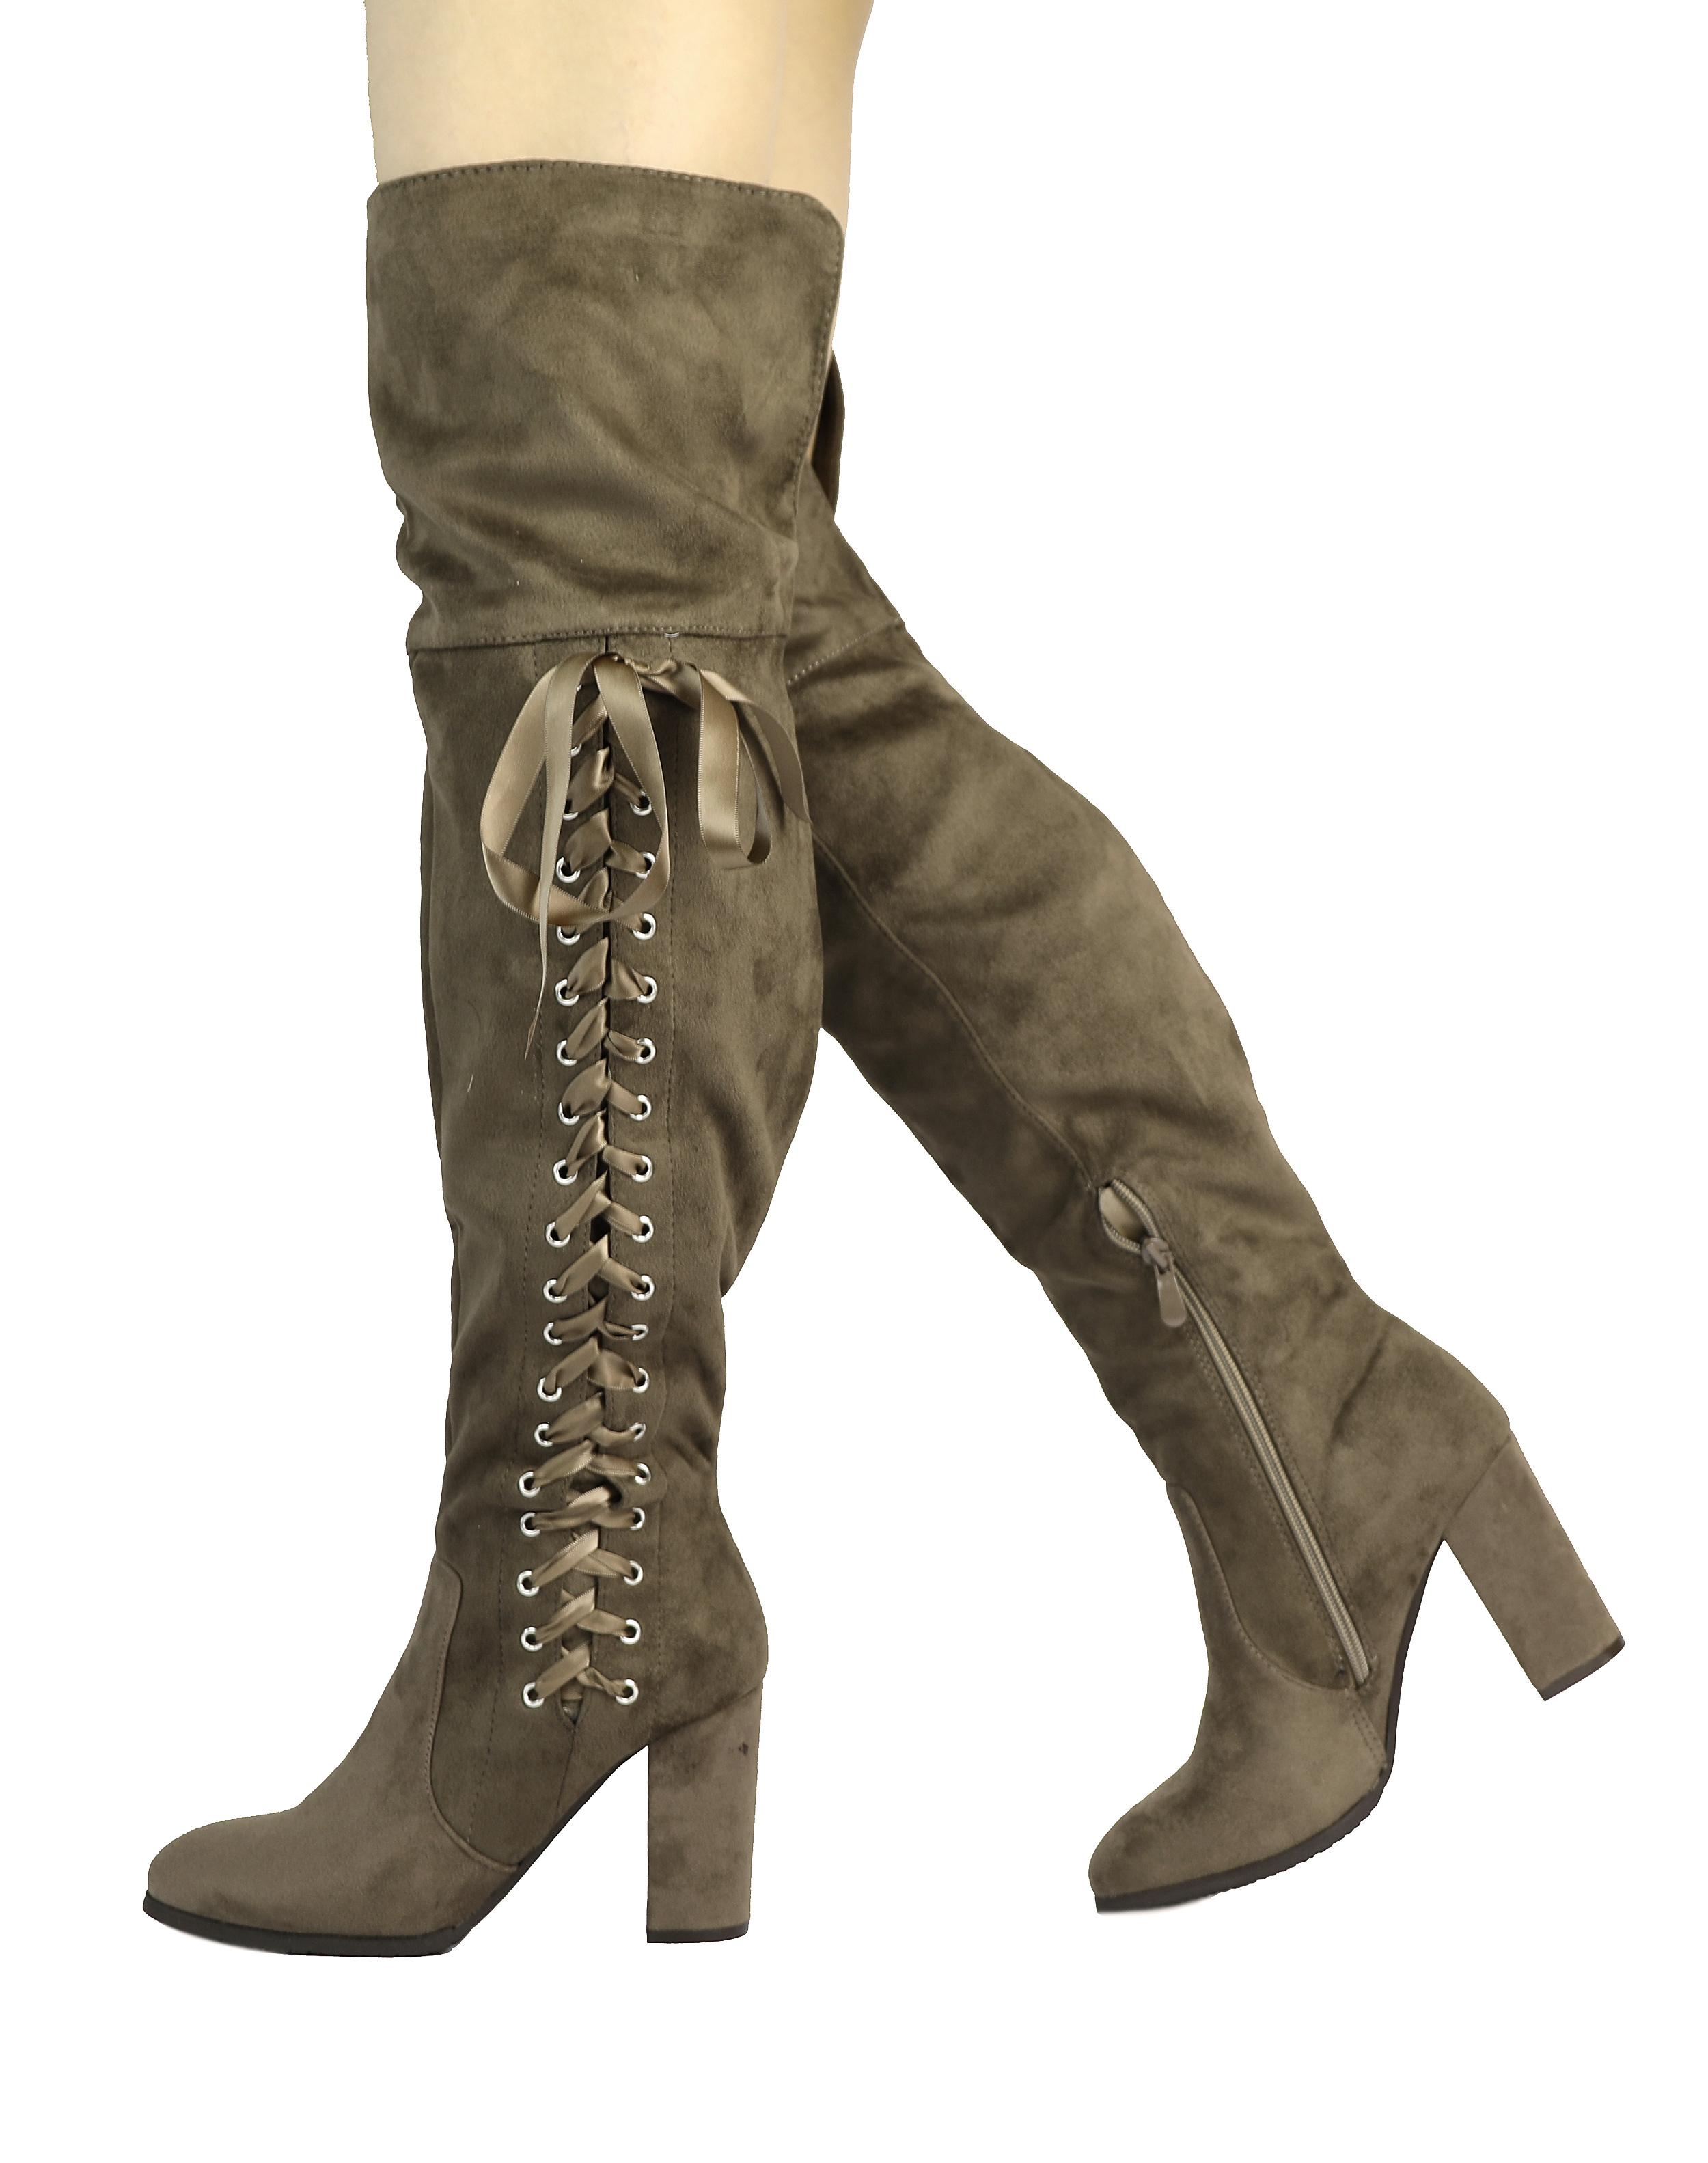 DREAM-PAIRS-Women-TRANZ-Side-Zipper-Over-The-Knee-Thigh-High-Block-Heel-Boots